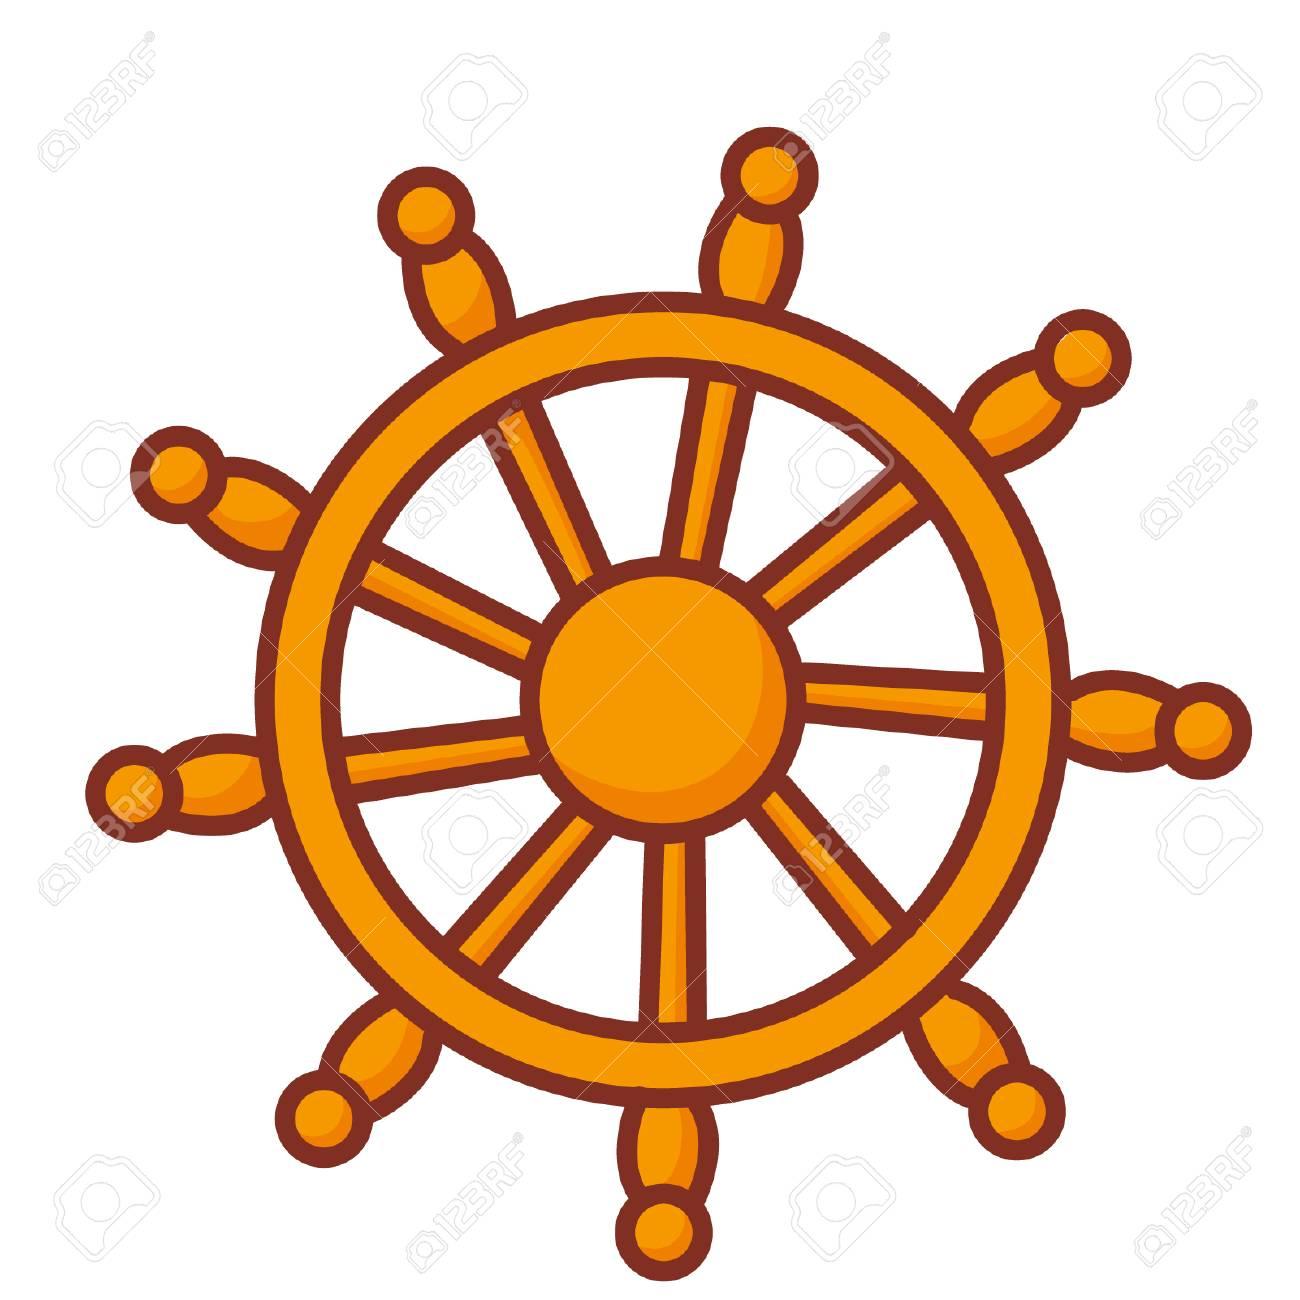 Cartoon ship steering wheel.